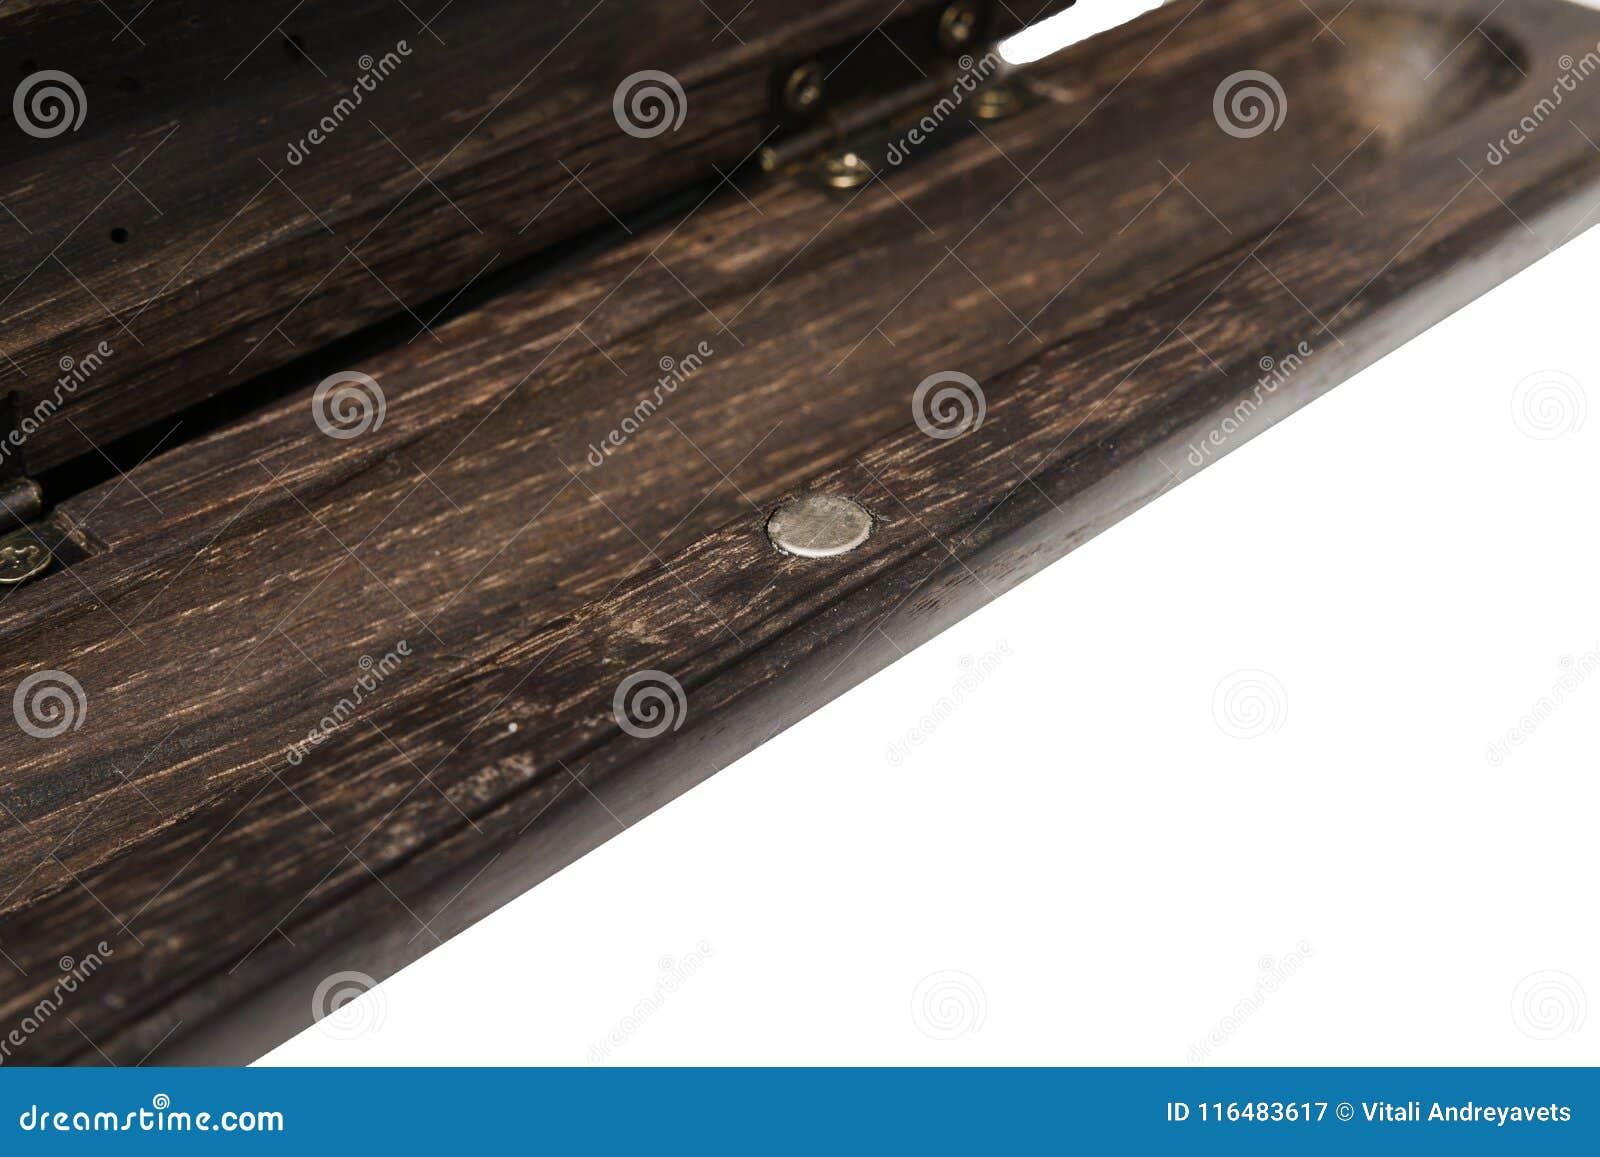 Uma caixa de lápis para uma pena de esferográfica feita do carvalho velho em um fundo branco